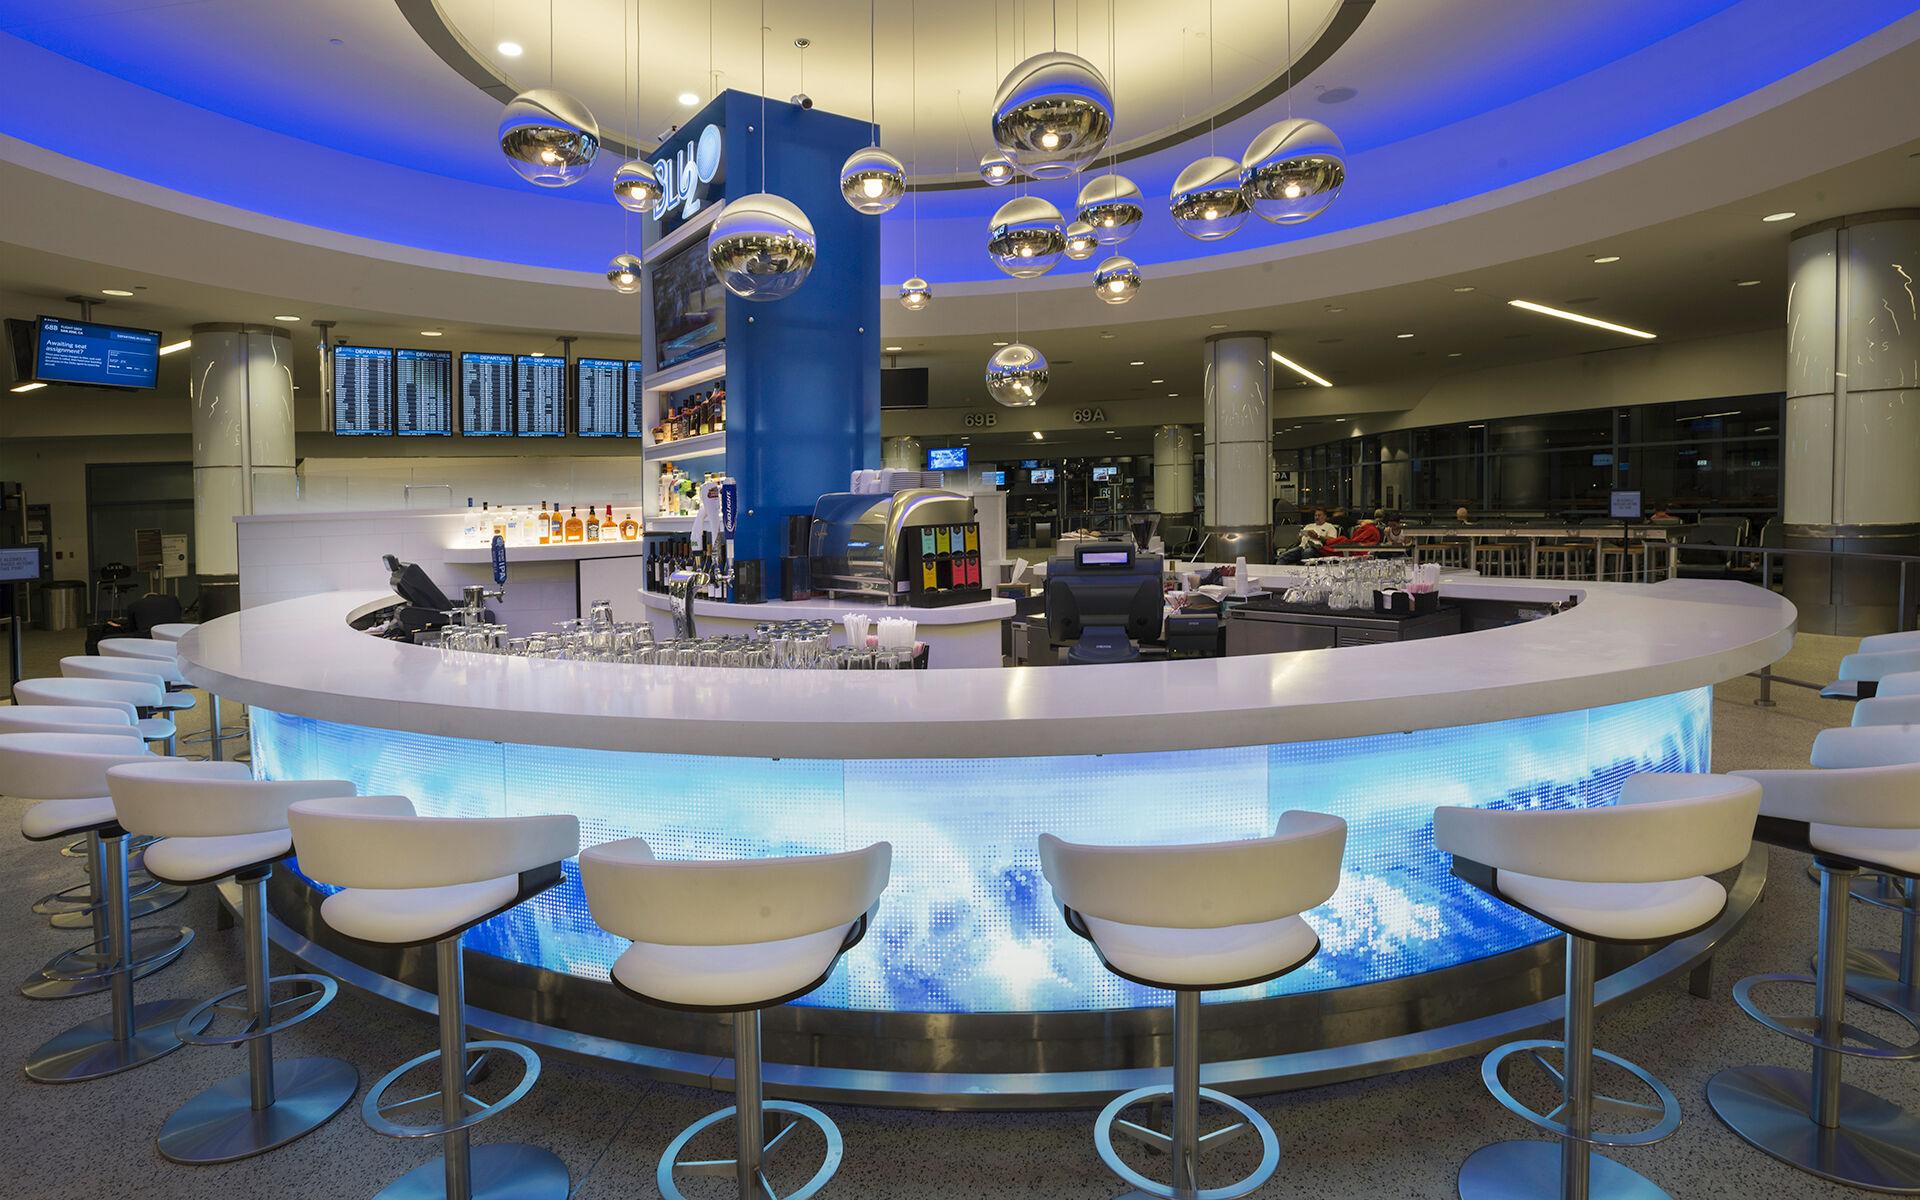 Blu2o Concession - LAX Terminal 6